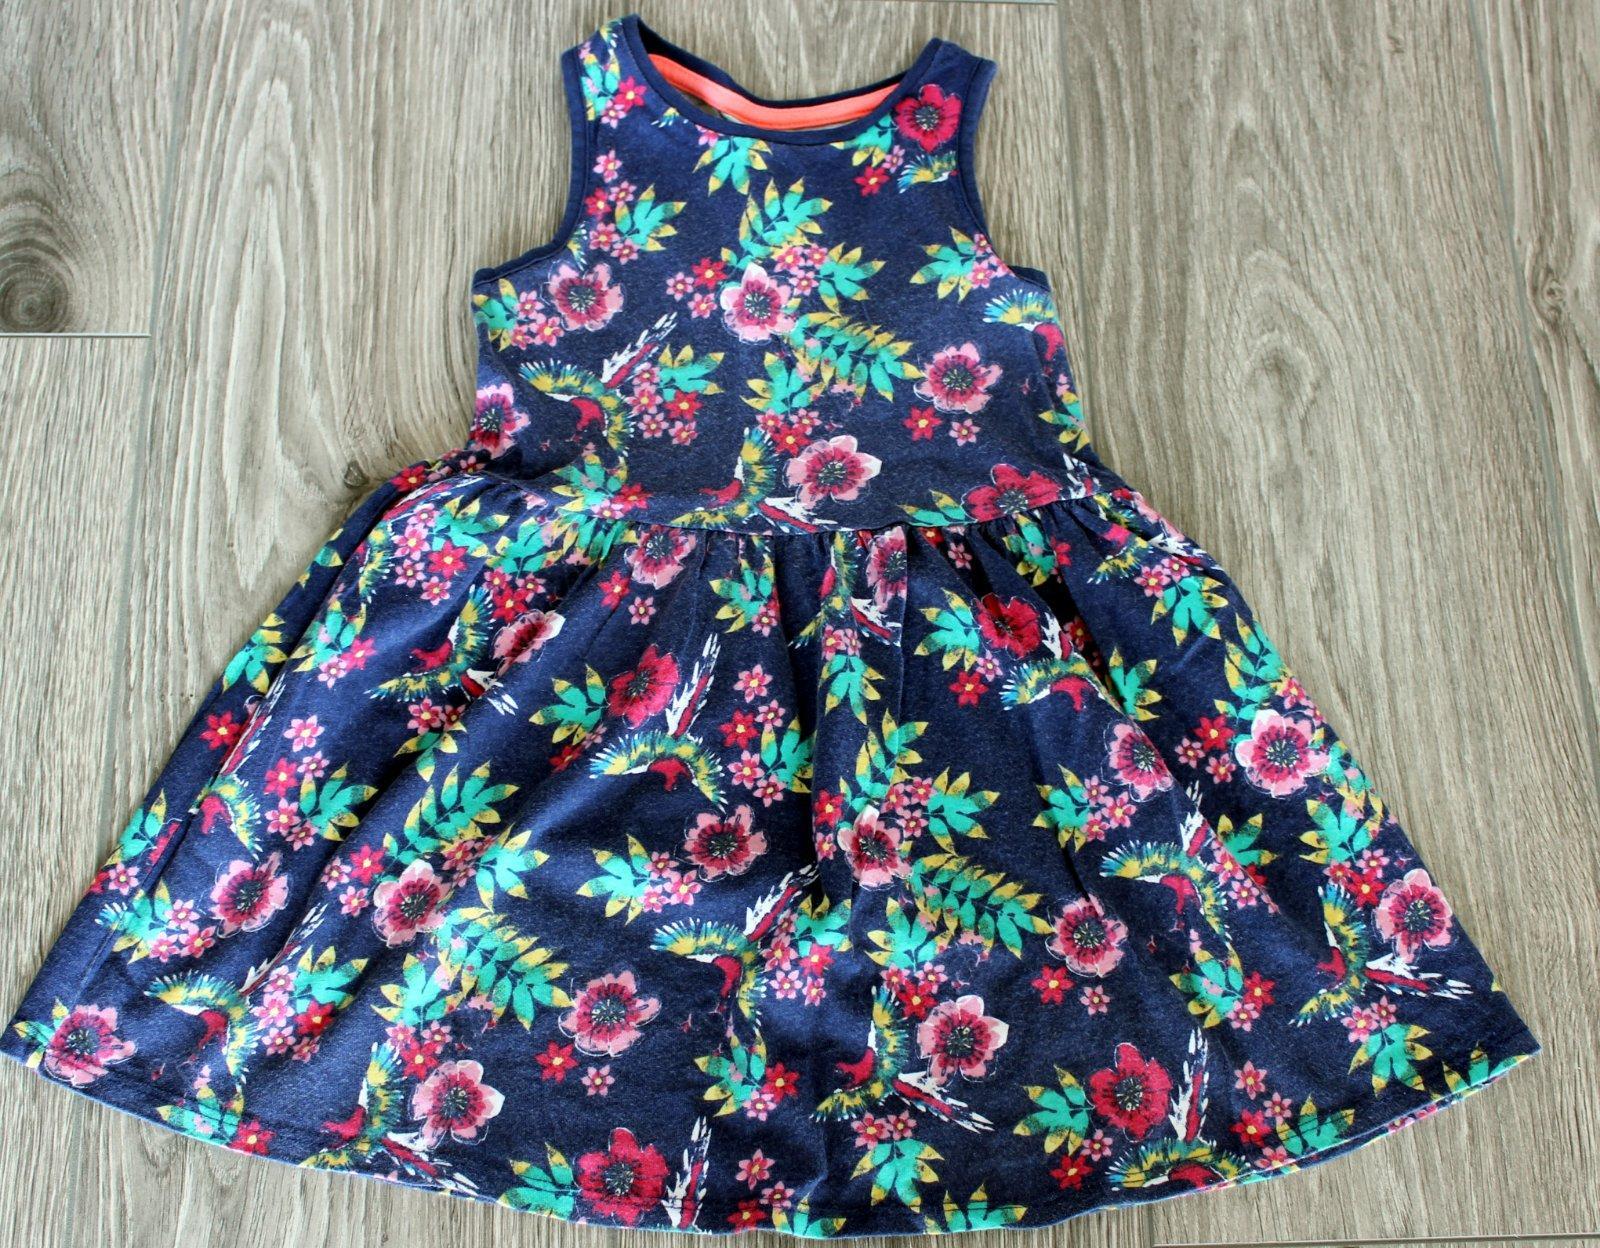 Dievčenské šaty 92/98 - Obrázok č. 1